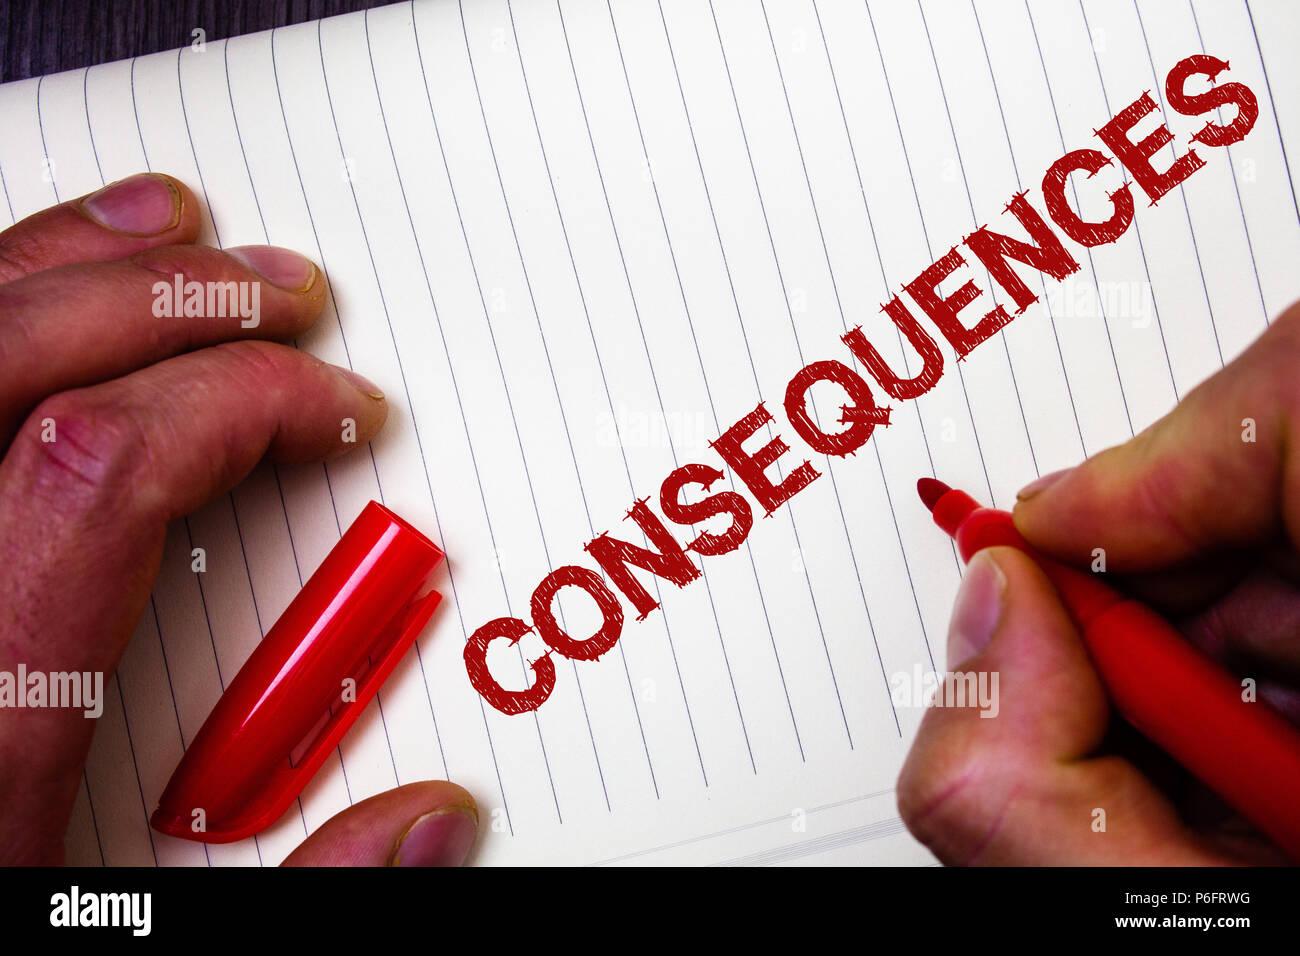 Konzeptionelle Handschrift Konsequenzen Zeigen Business Foto